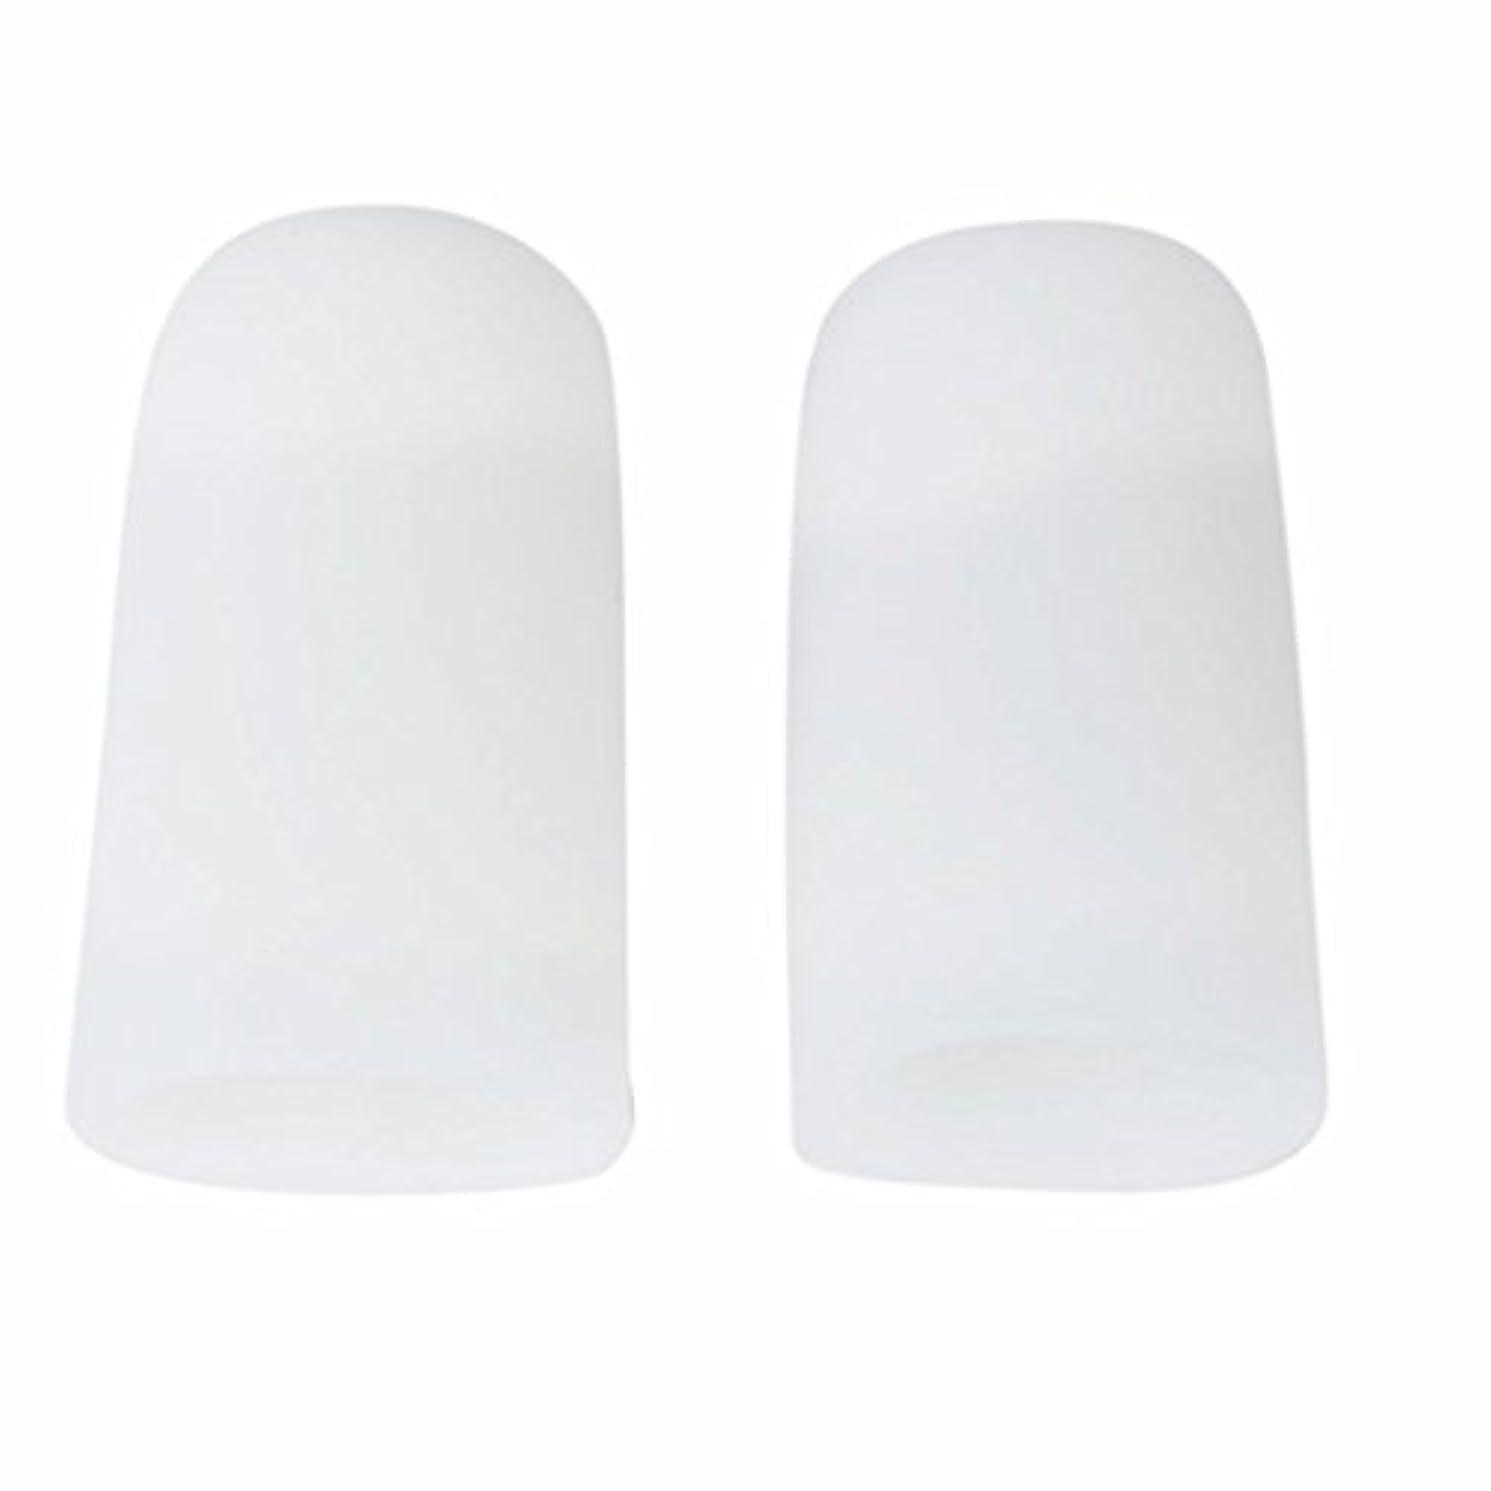 ブレス理解するクラシックAMAA 足指 保護キャップ つま先 プロテクター 足先のつめ 保護キャップ シリコン S M Lサイズ 1ペア (M)